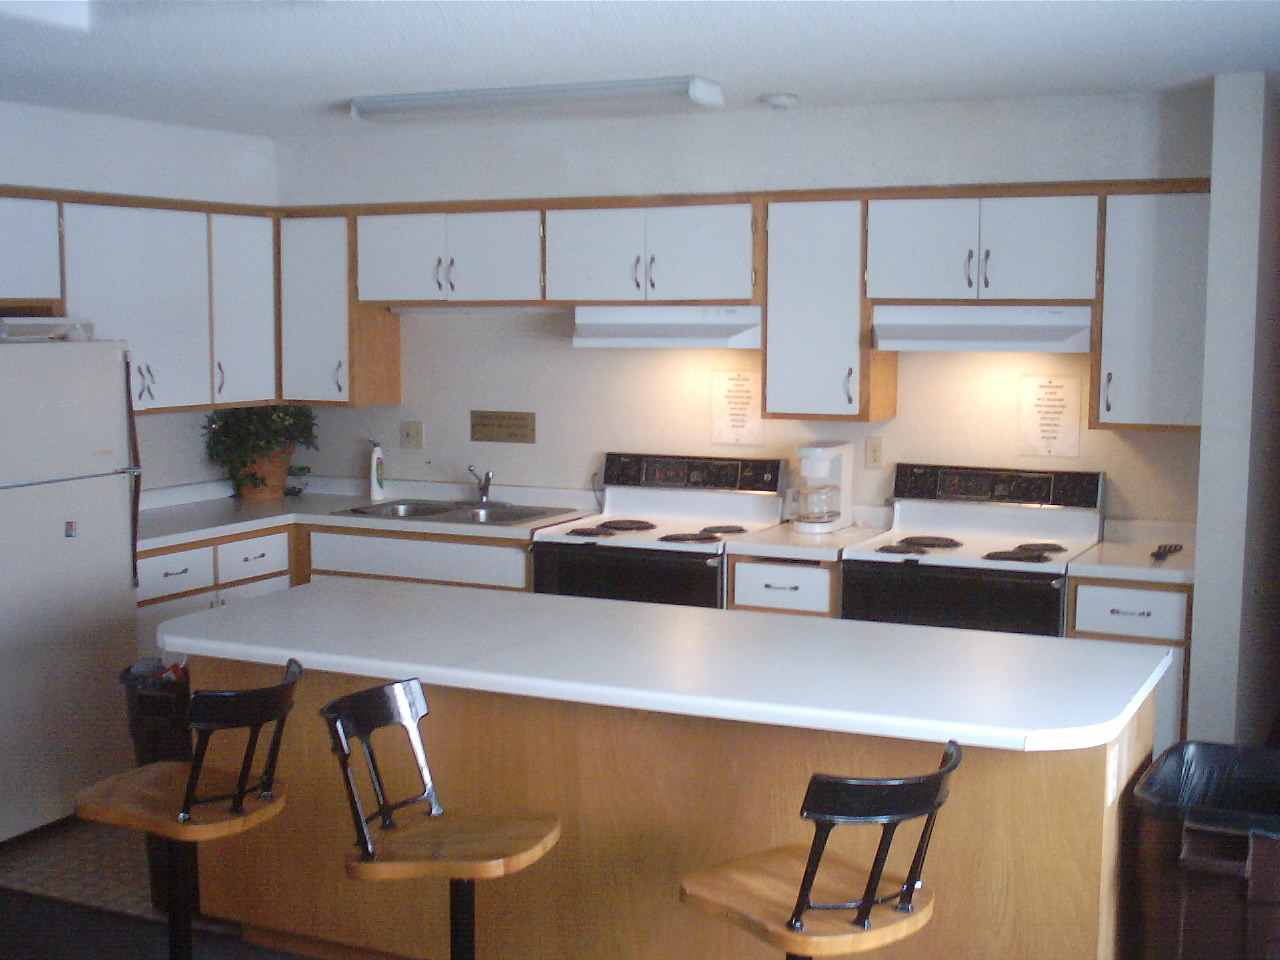 Image Gallery Dorm Kitchen